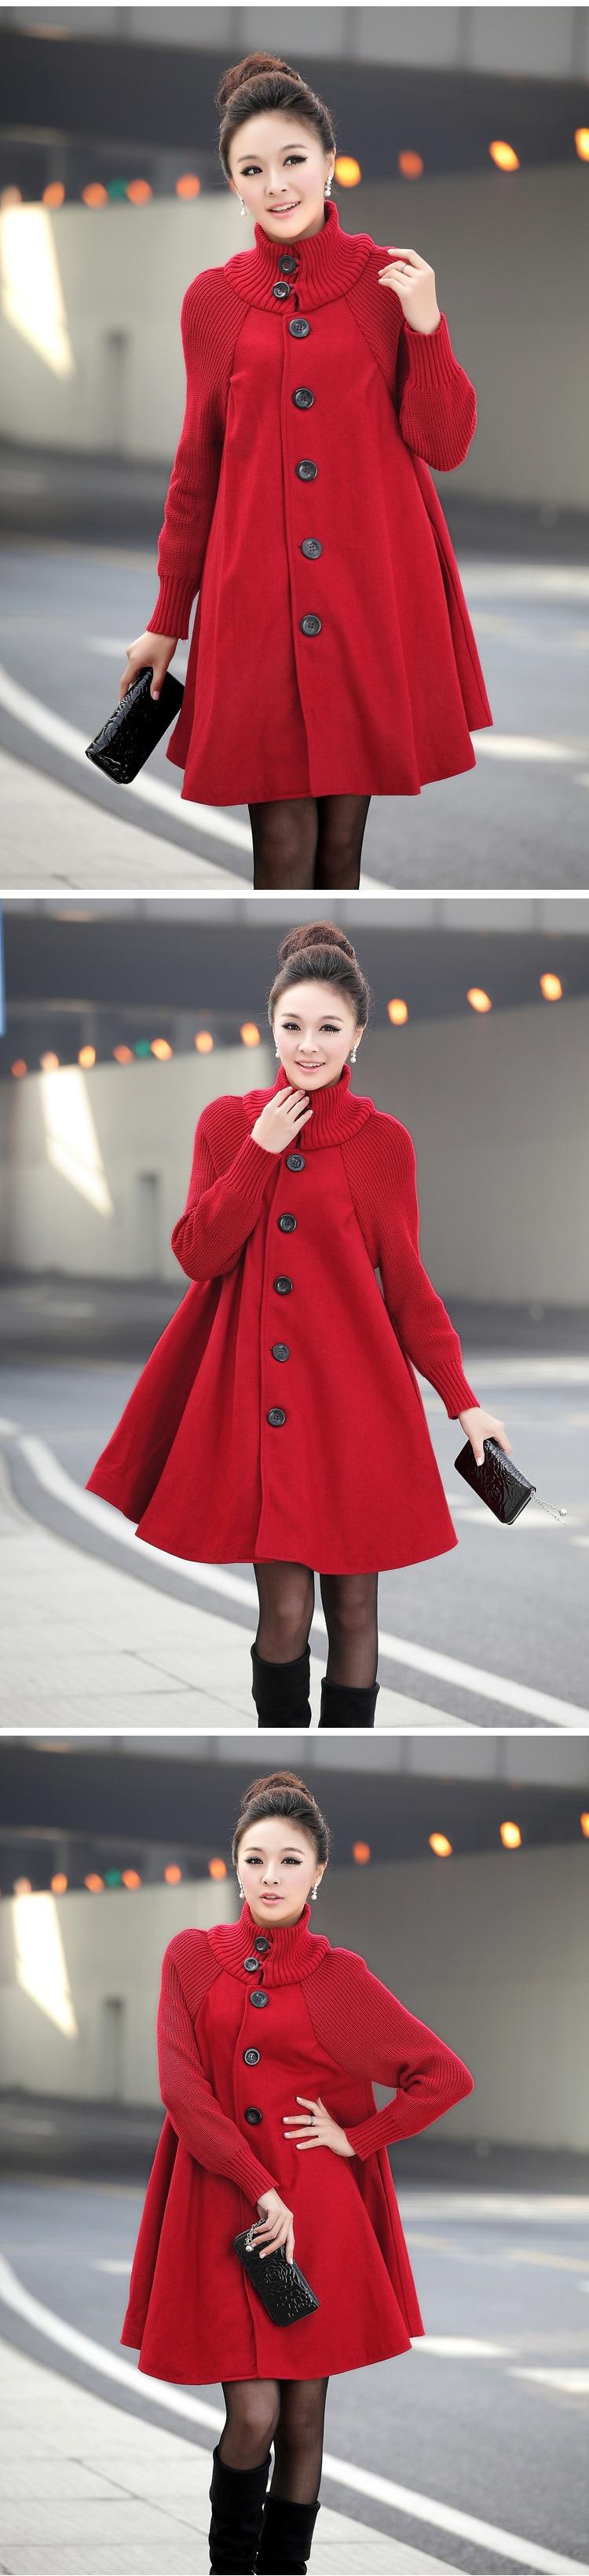 Autumn Winter Coat Women 2019 Casual Vintage Patchwork Cloak Plus Size Coats Female Elegant Warm Black Long Coat casaco feminino 73